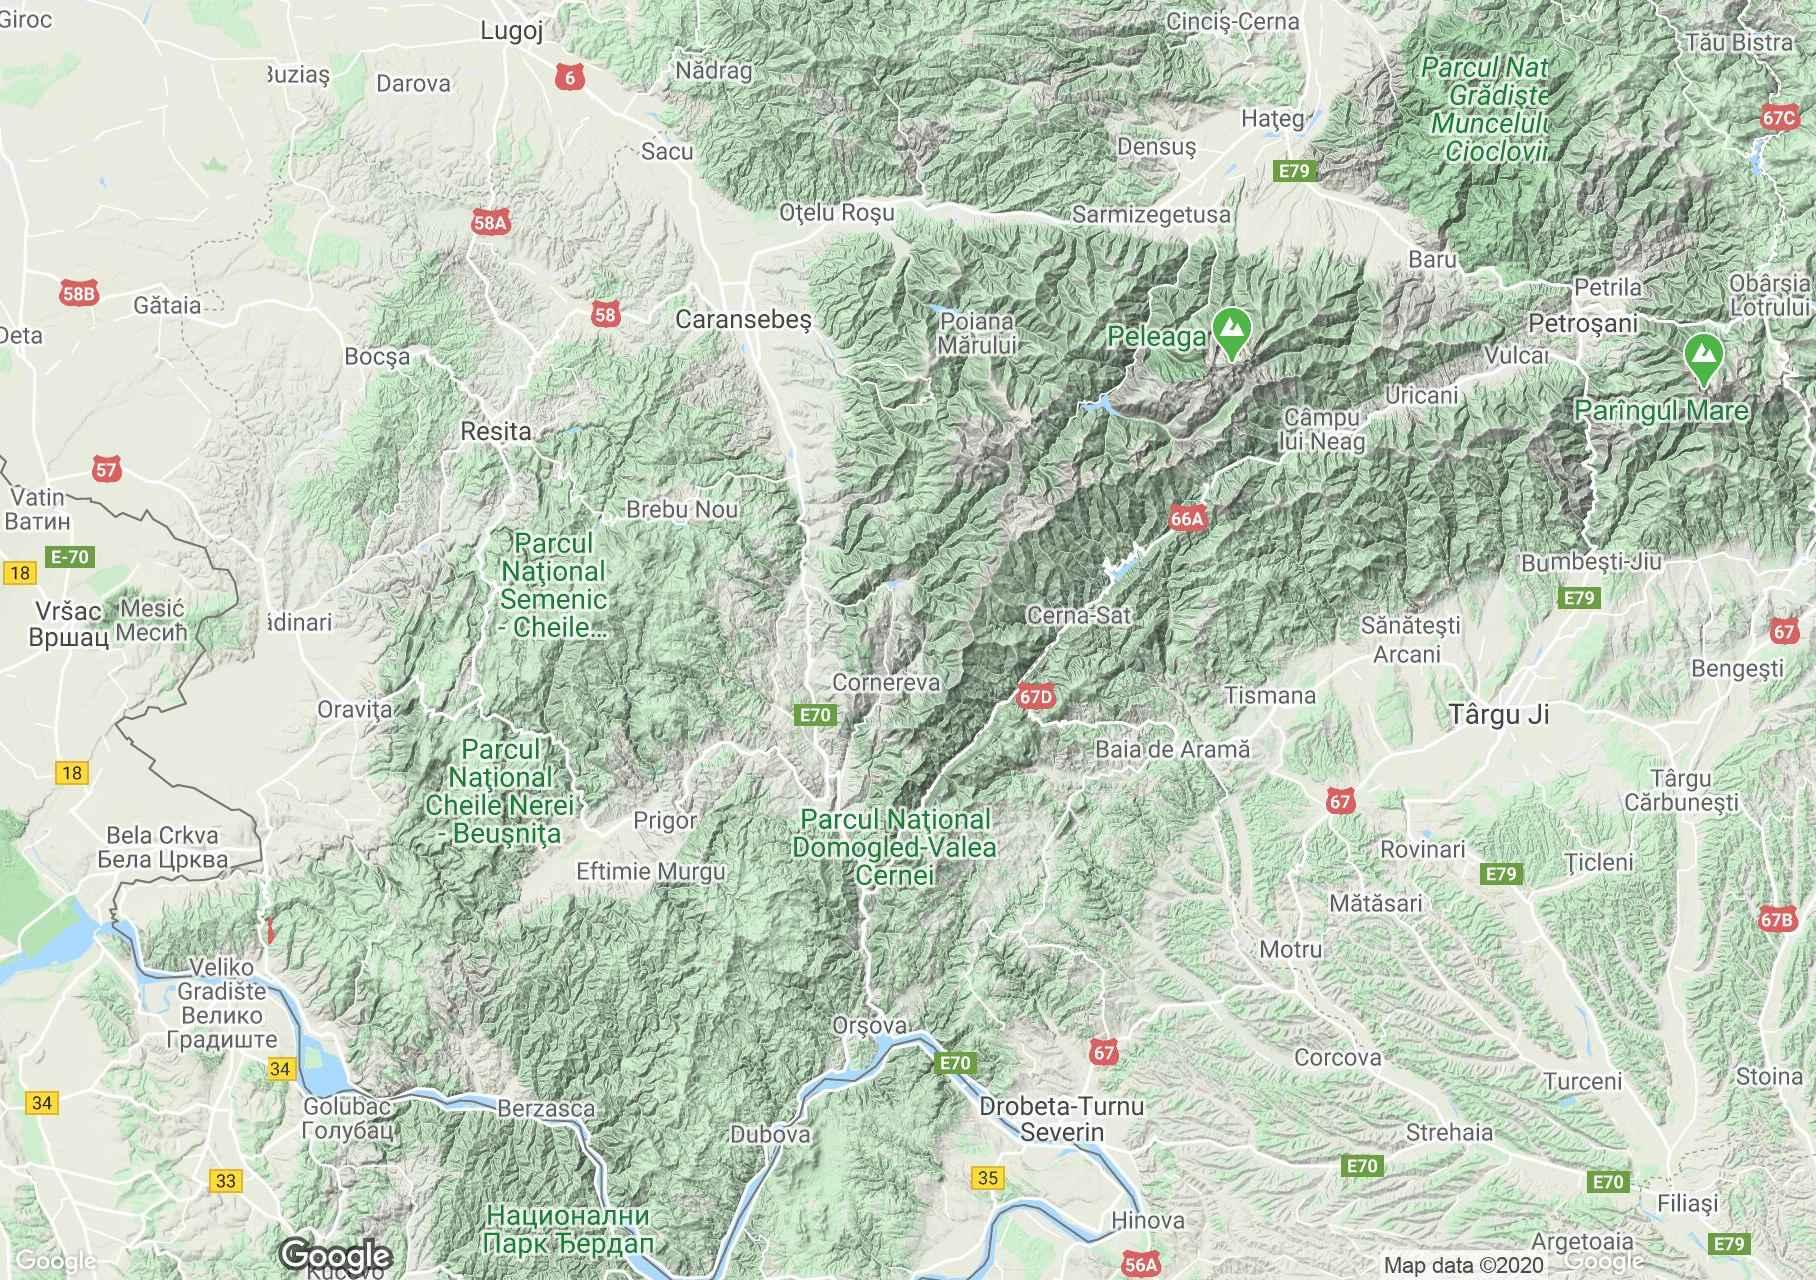 Bánsági hegység interaktív turista térképe.